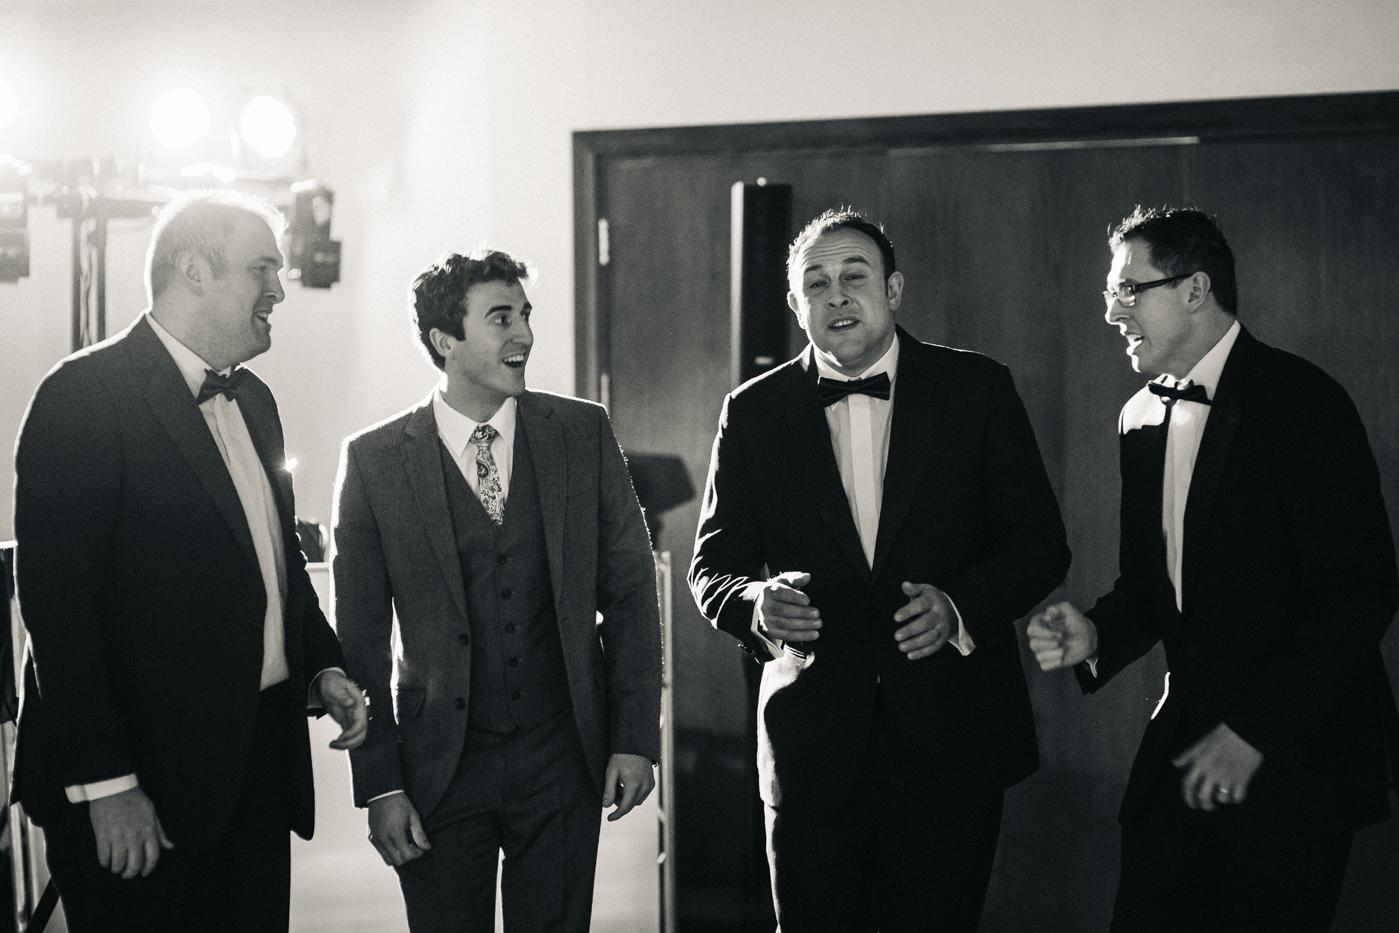 derby-derbyshire-wedding-photographer-creative-white-hart-inn-wedding-0035.jpg